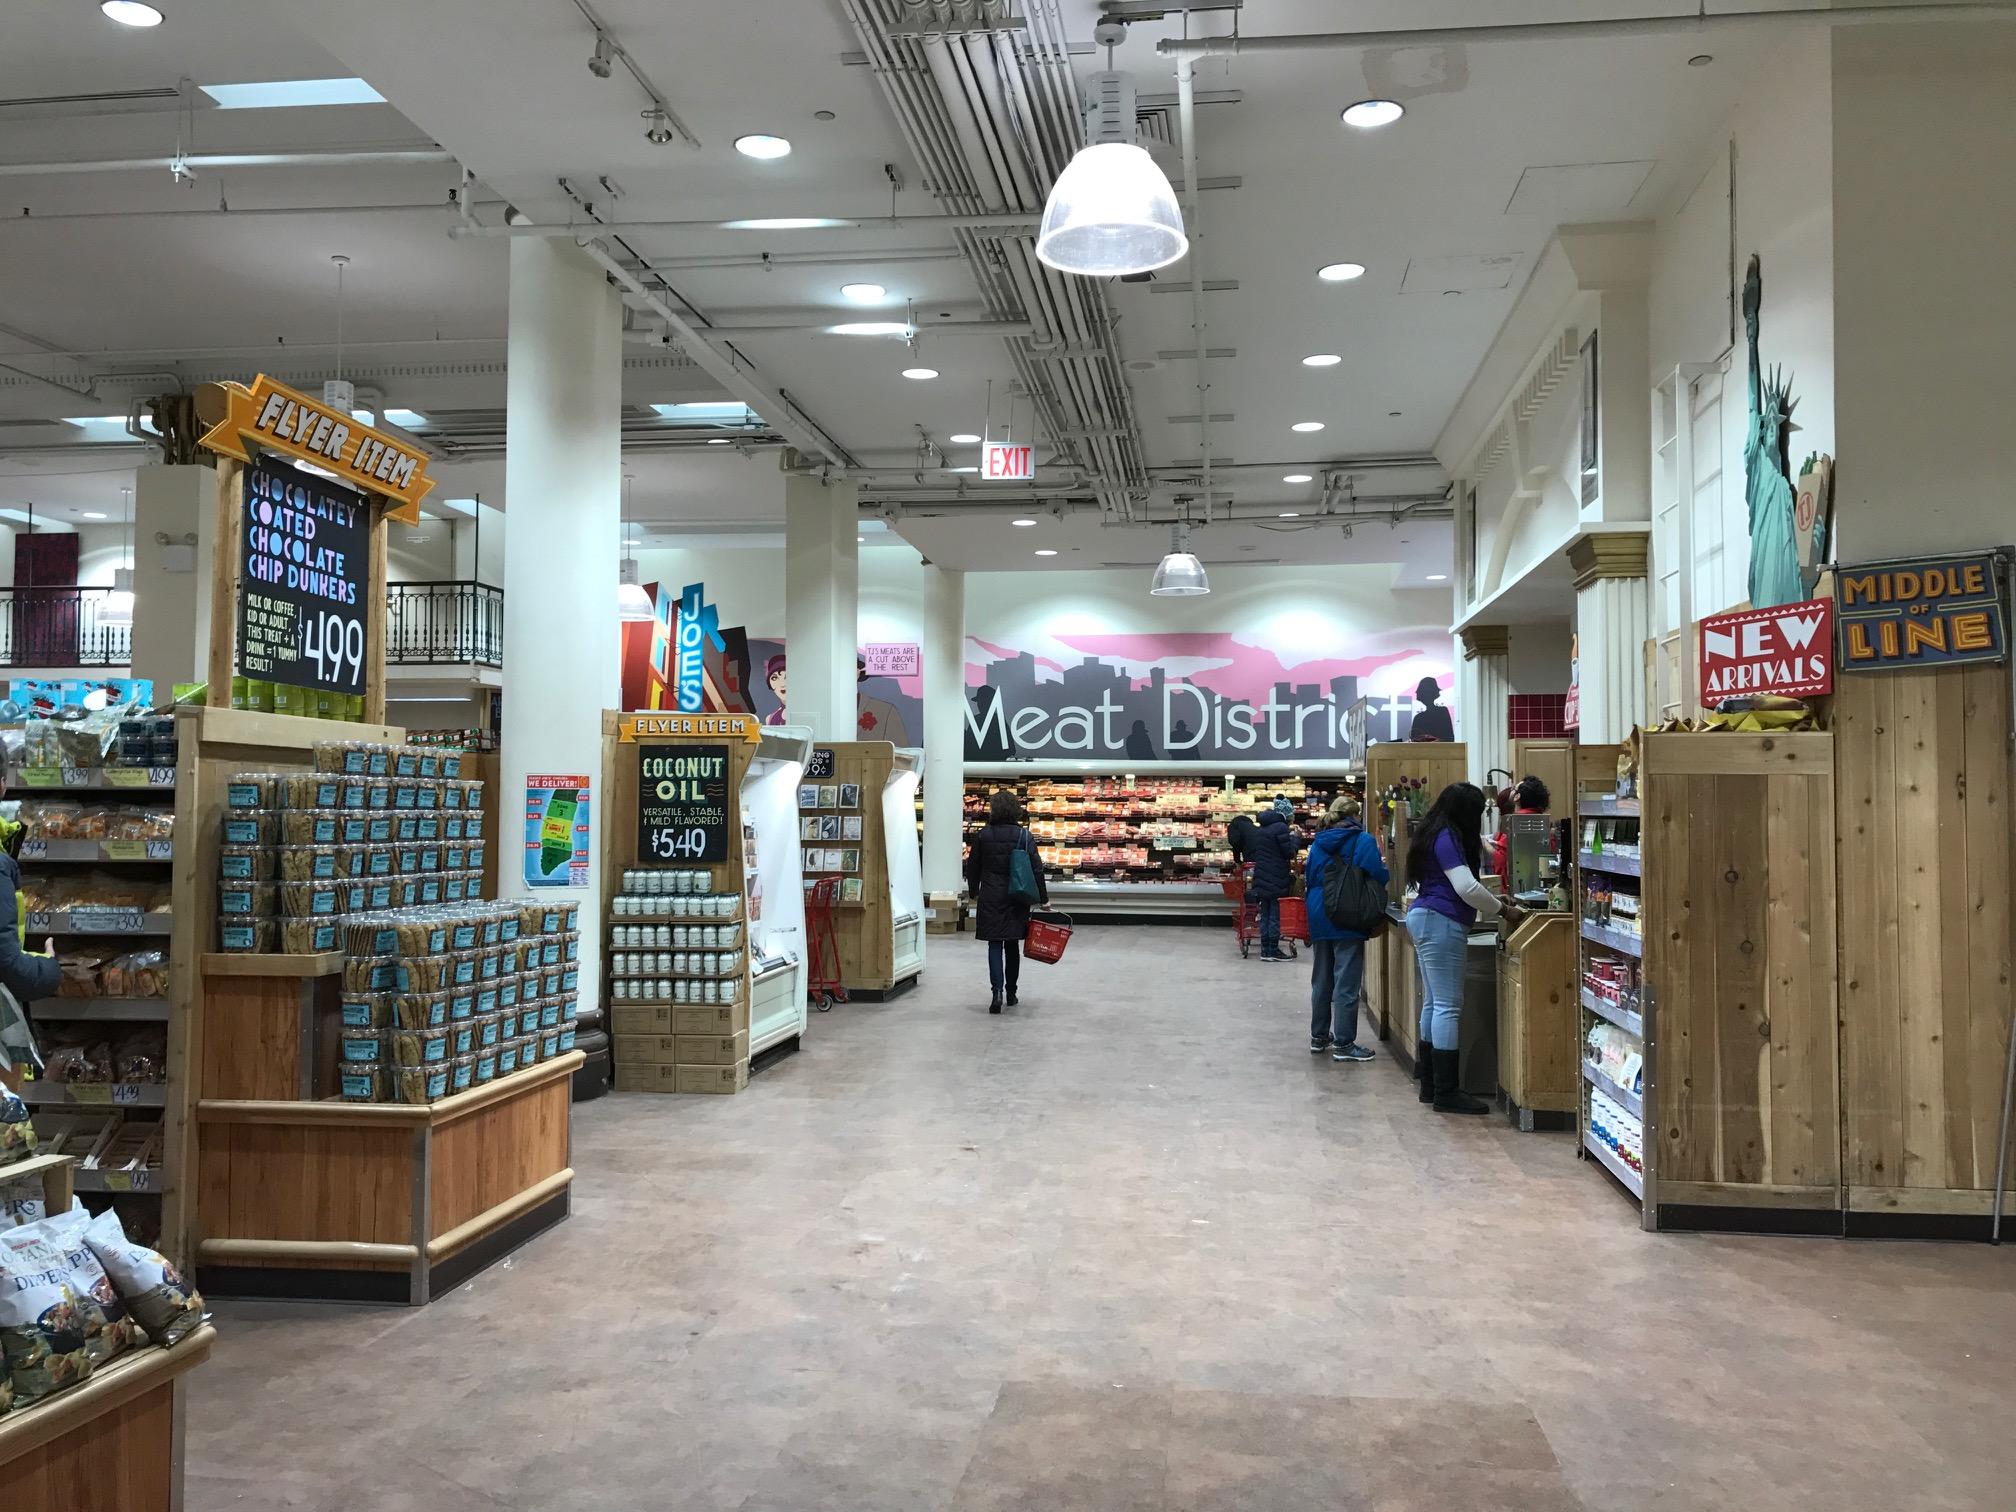 Supermercados em Nova York - Trade Joe's